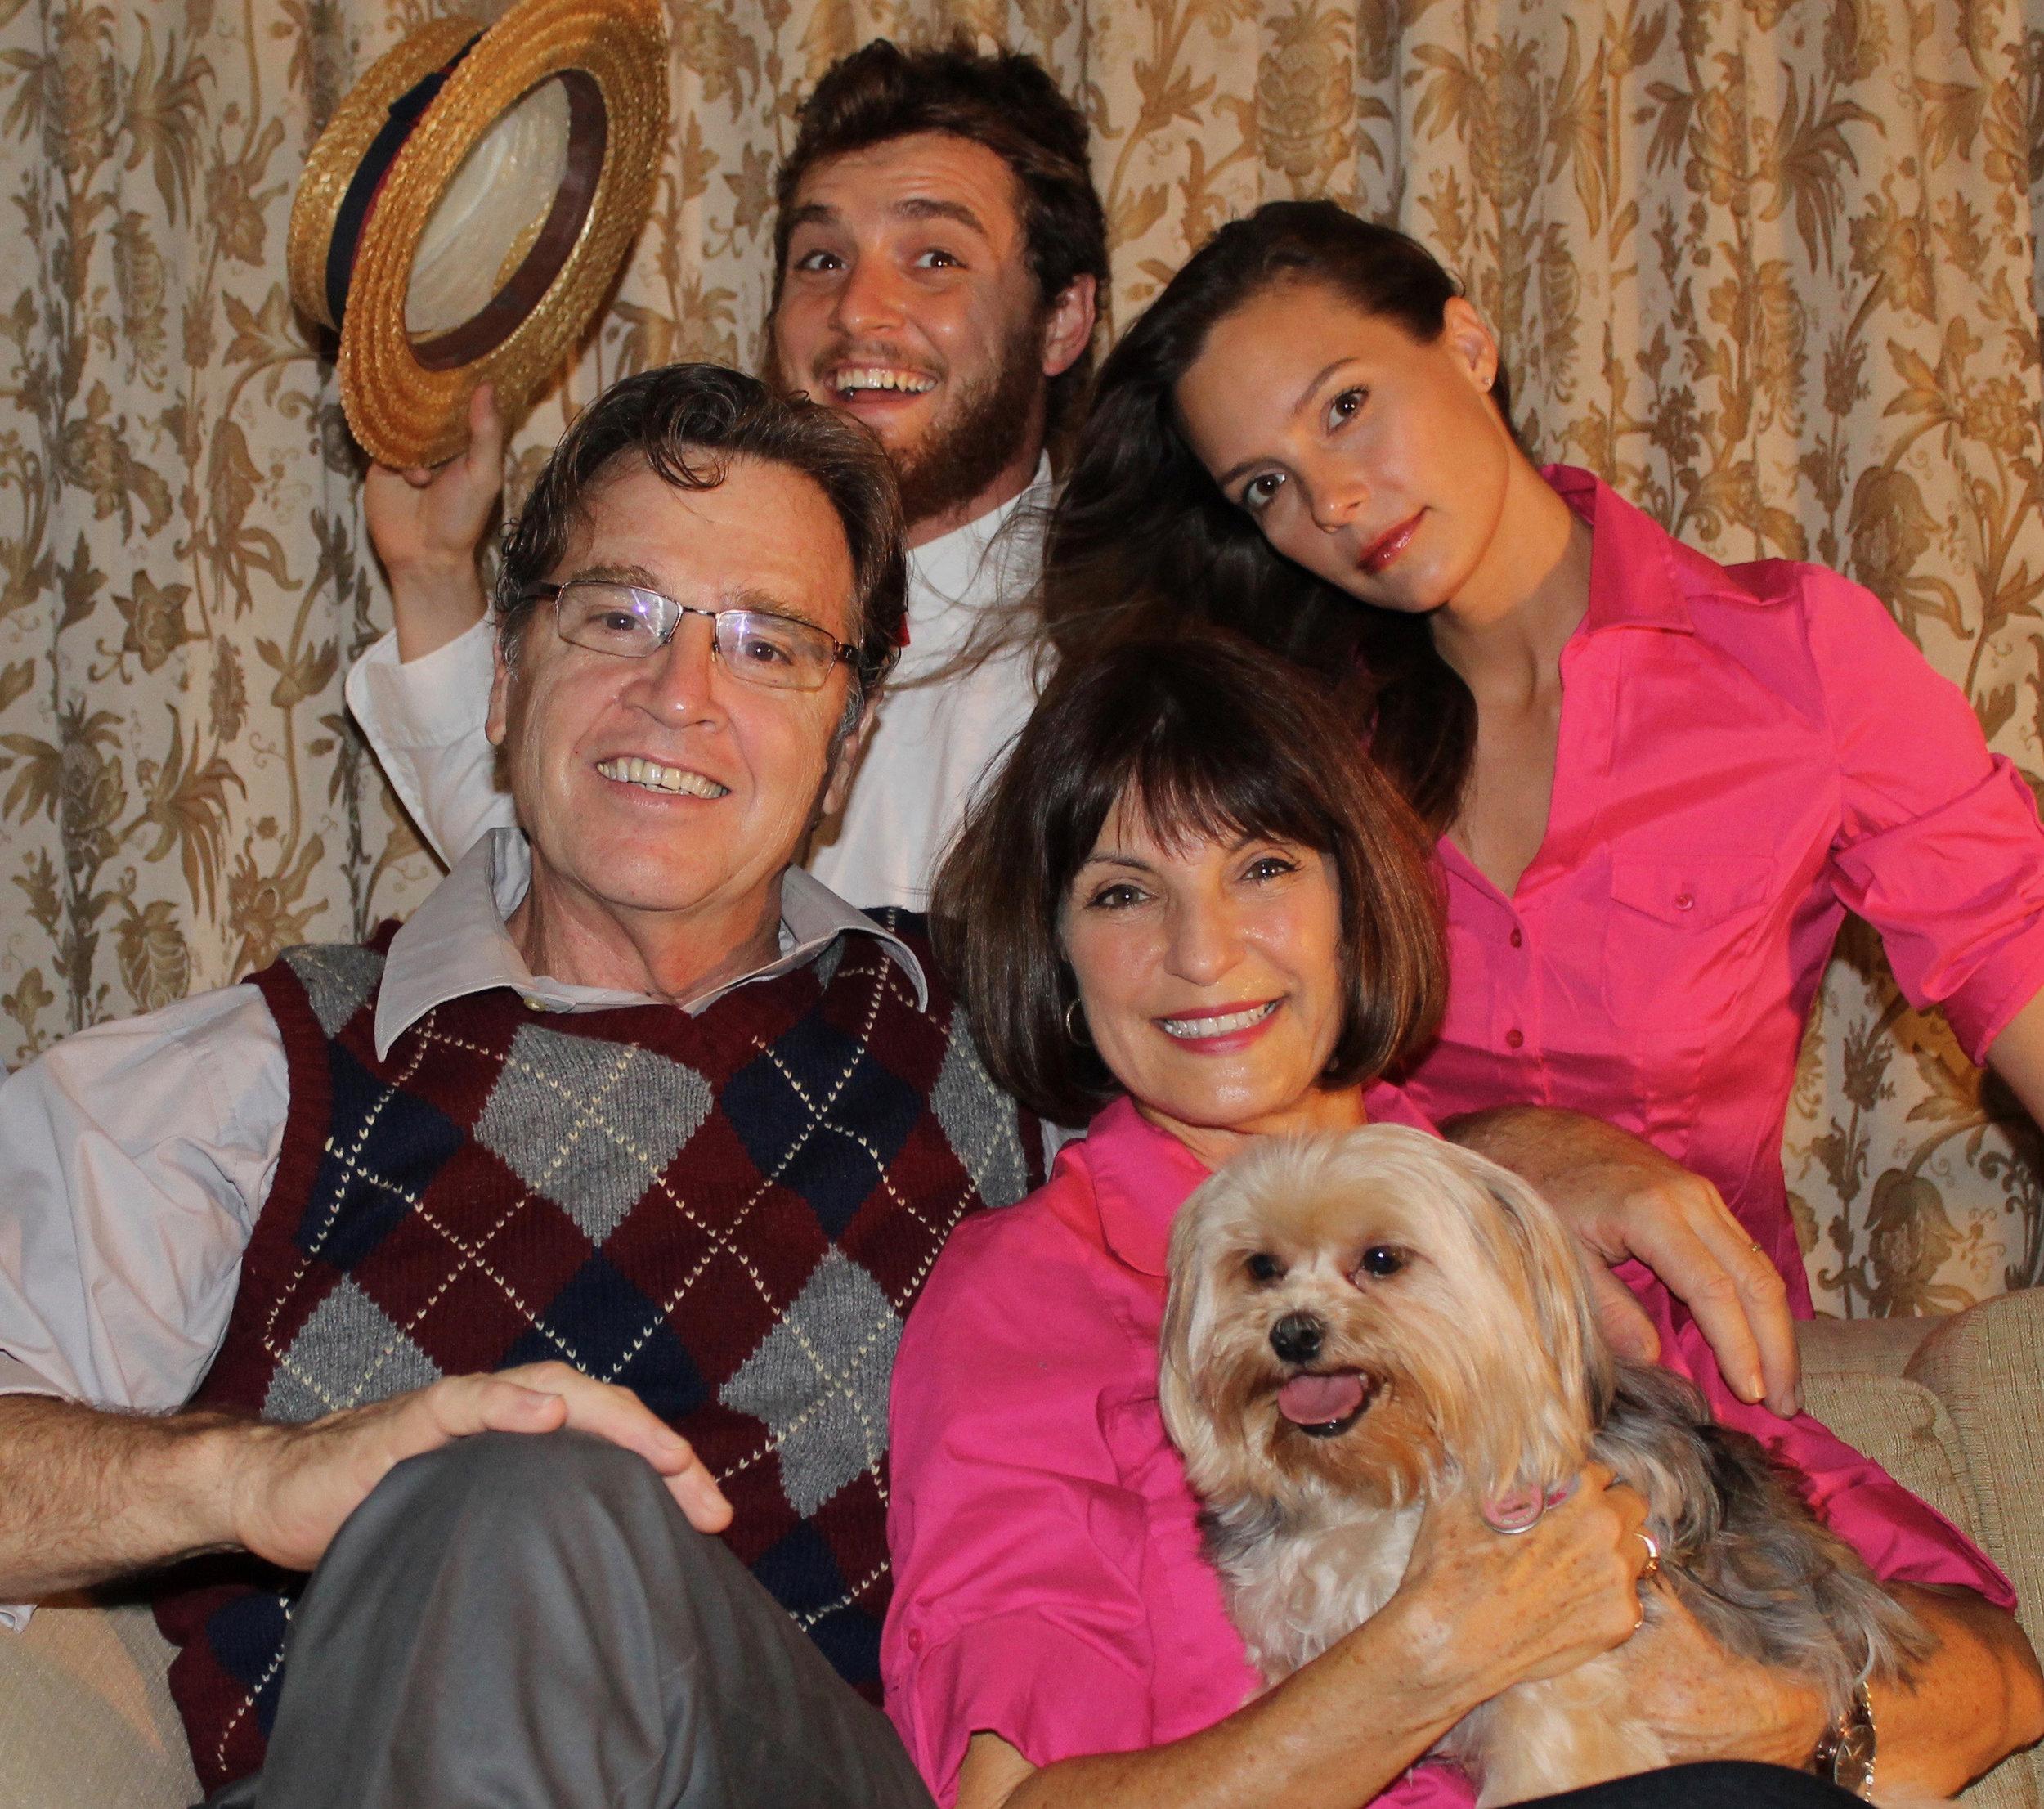 Jack McDonald, Amber McDonald Good, Mimi McDonald, and Gary McDonald, Key West first family of theater